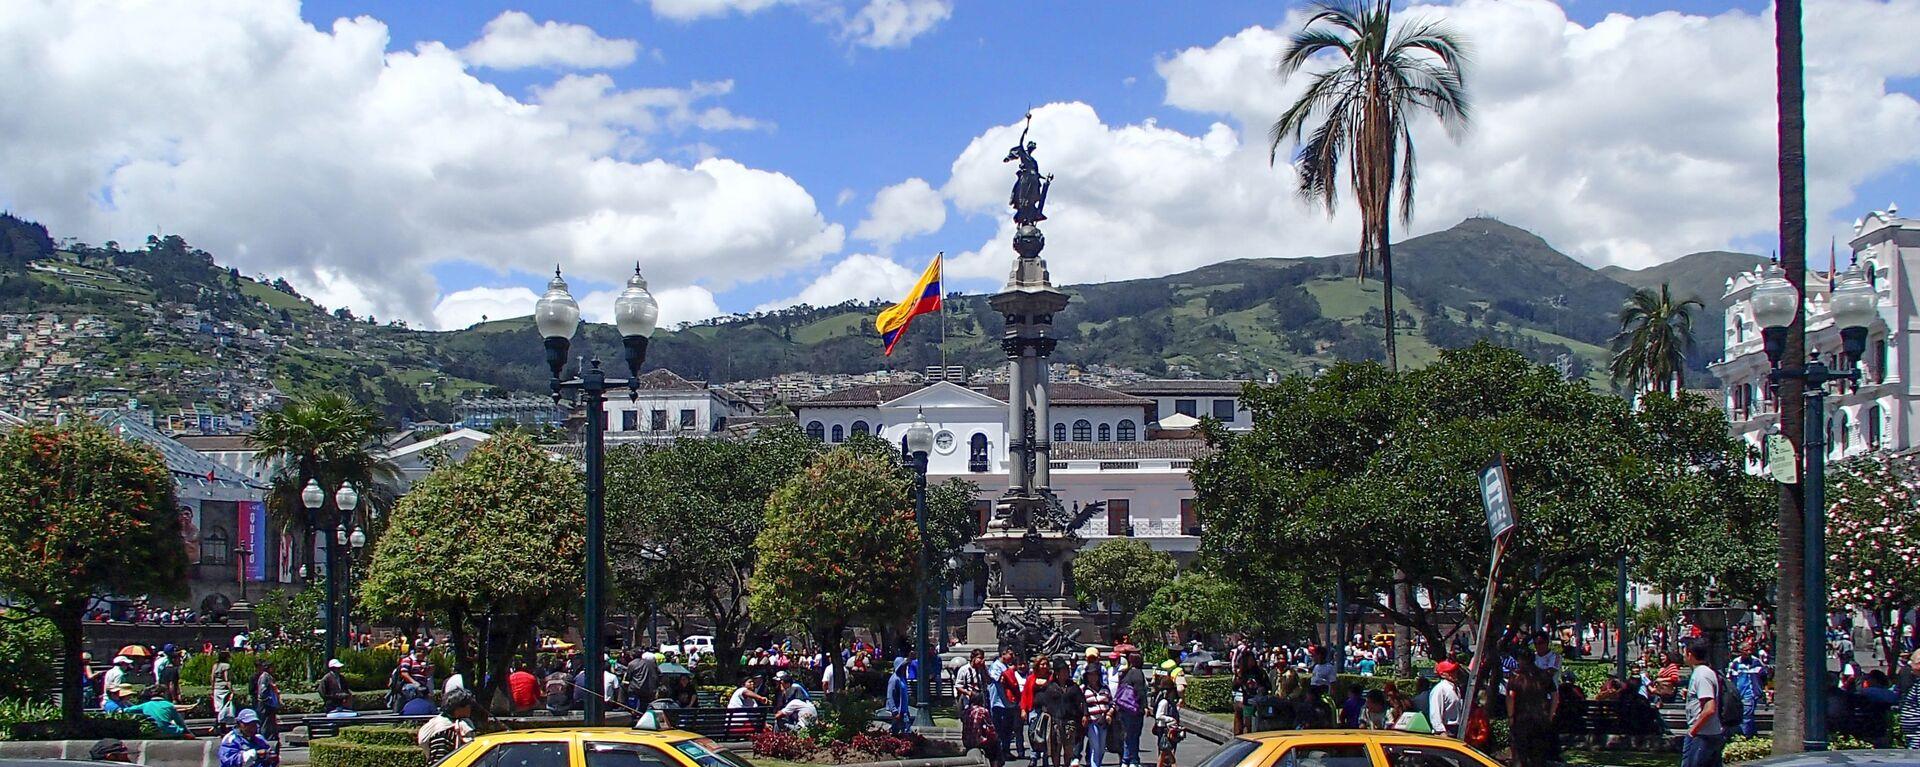 Quito, la capital de Ecuador - Sputnik Mundo, 1920, 02.08.2021